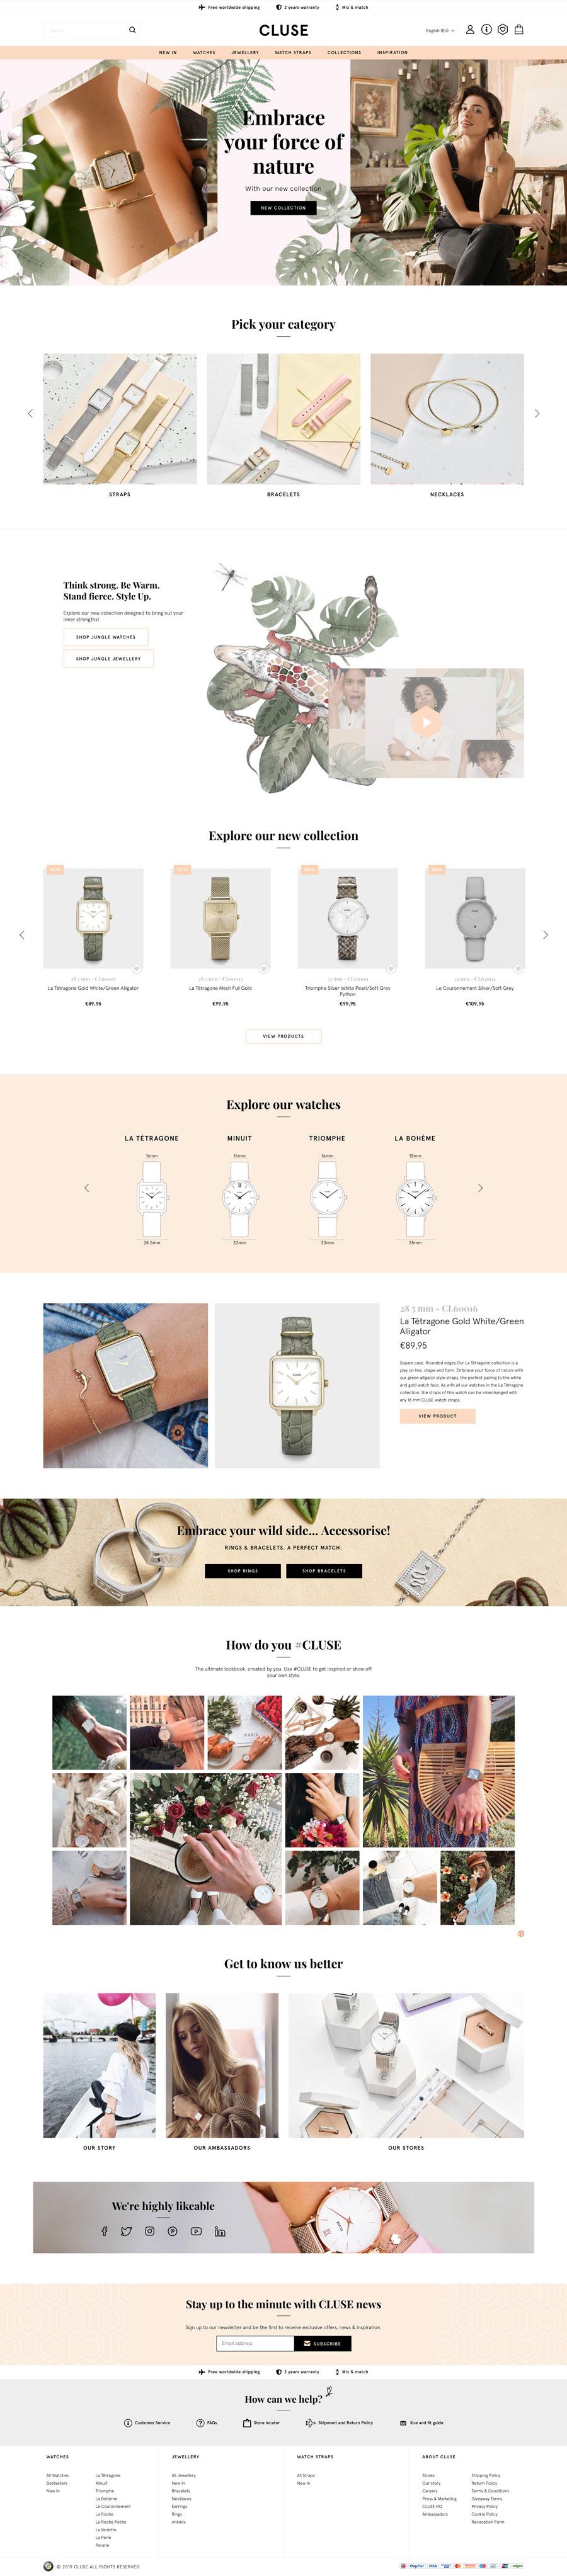 cluse-homepage.jpg